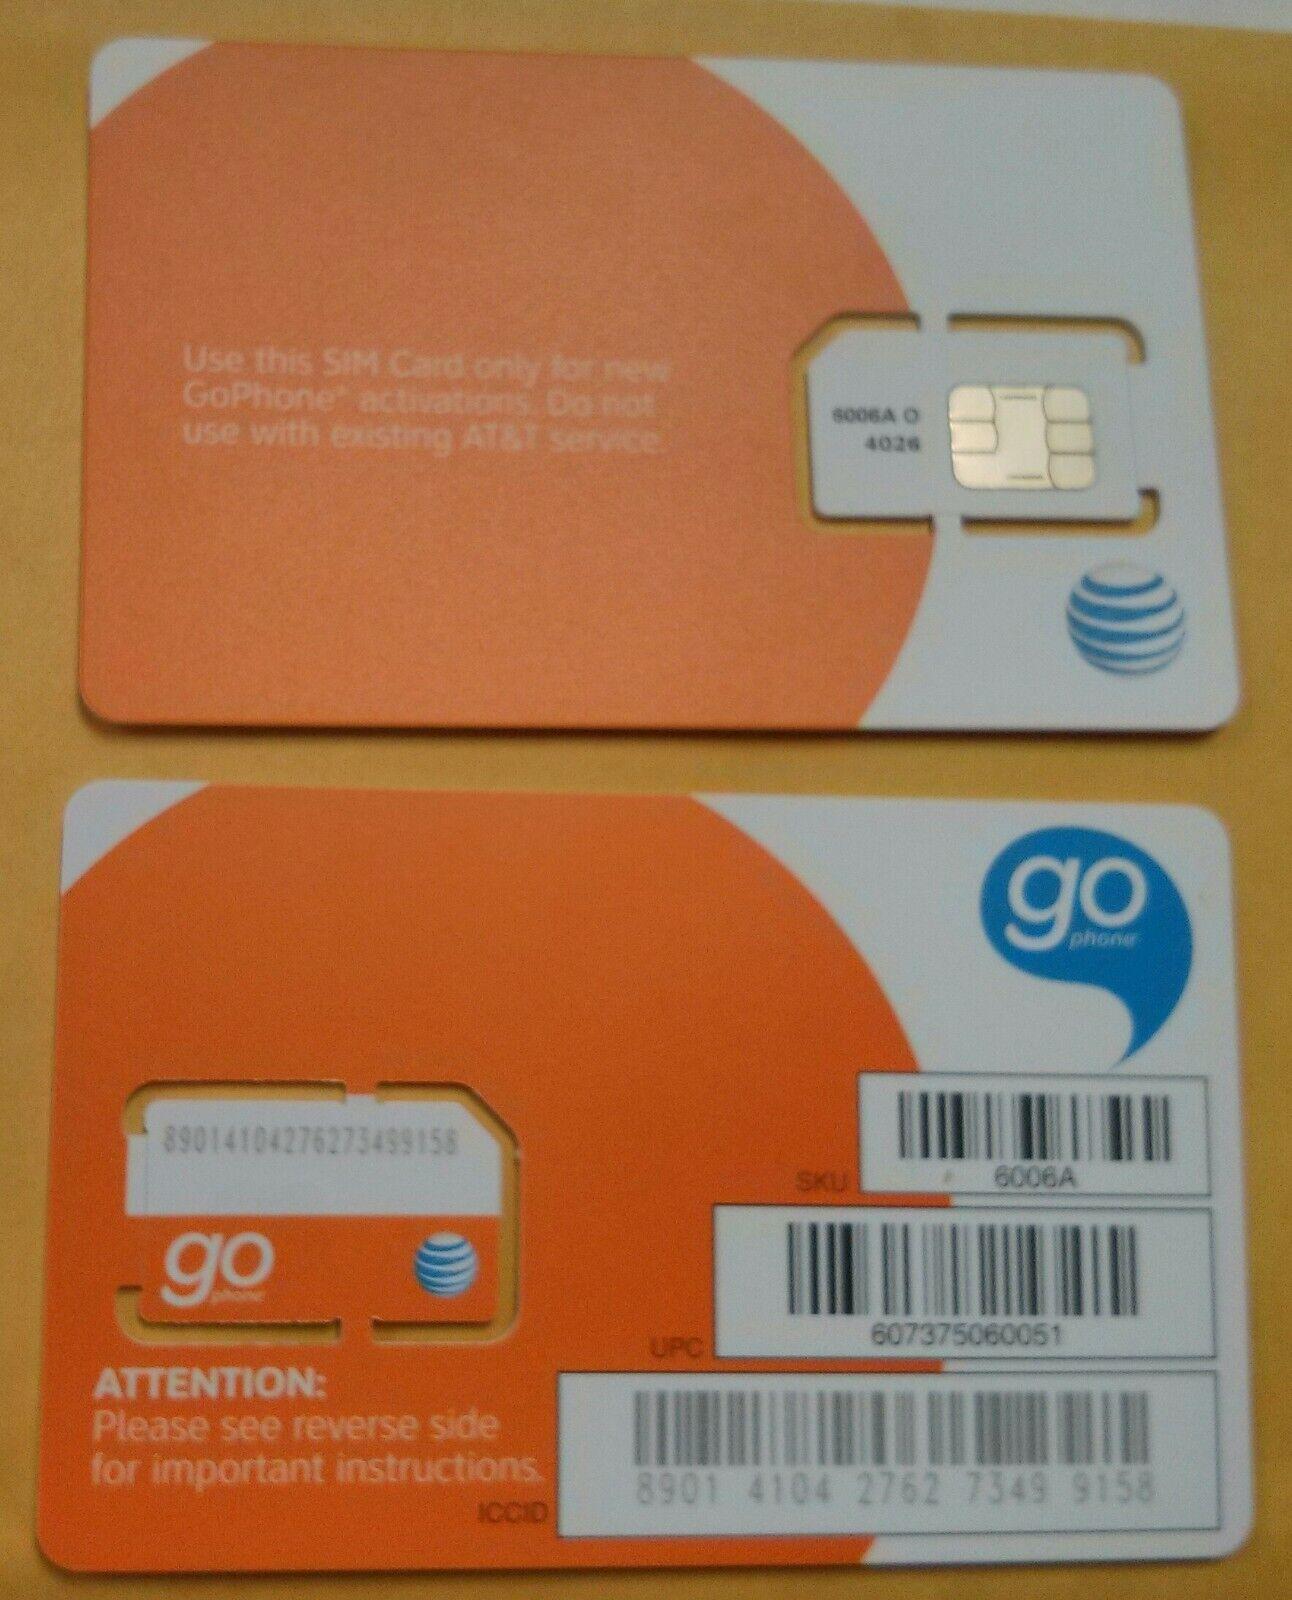 как выглядит SIM-карта для мобильного телефона NEW AT&T PREPAID/POSTPAID 3G SIM CARD. SKU 73043 Unactivated фото